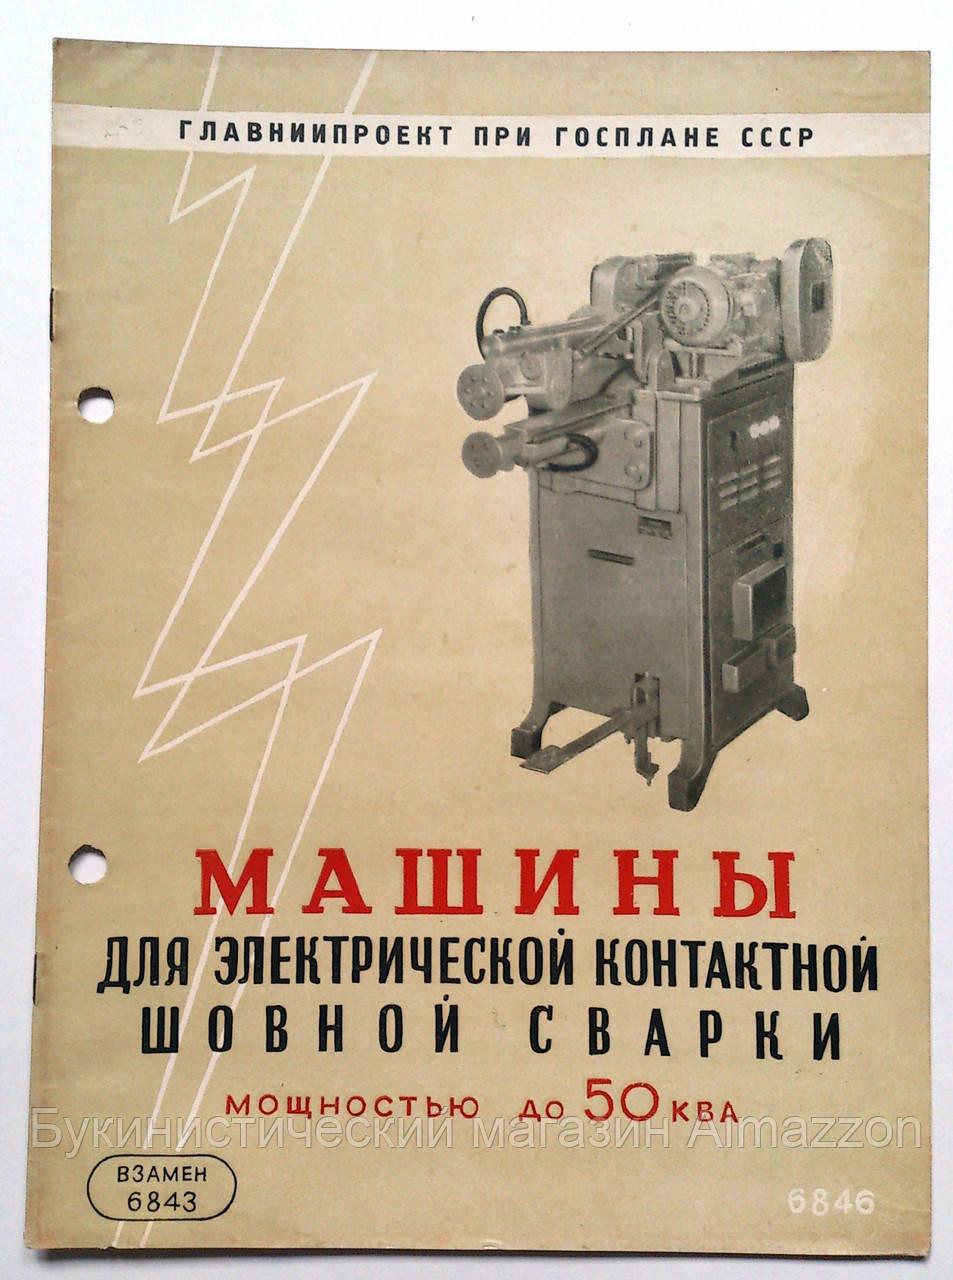 """Журнал (Бюллетень) """"Машины для электрической контактной шовной сварки мощностью до 50 КВА"""" 1957 год"""